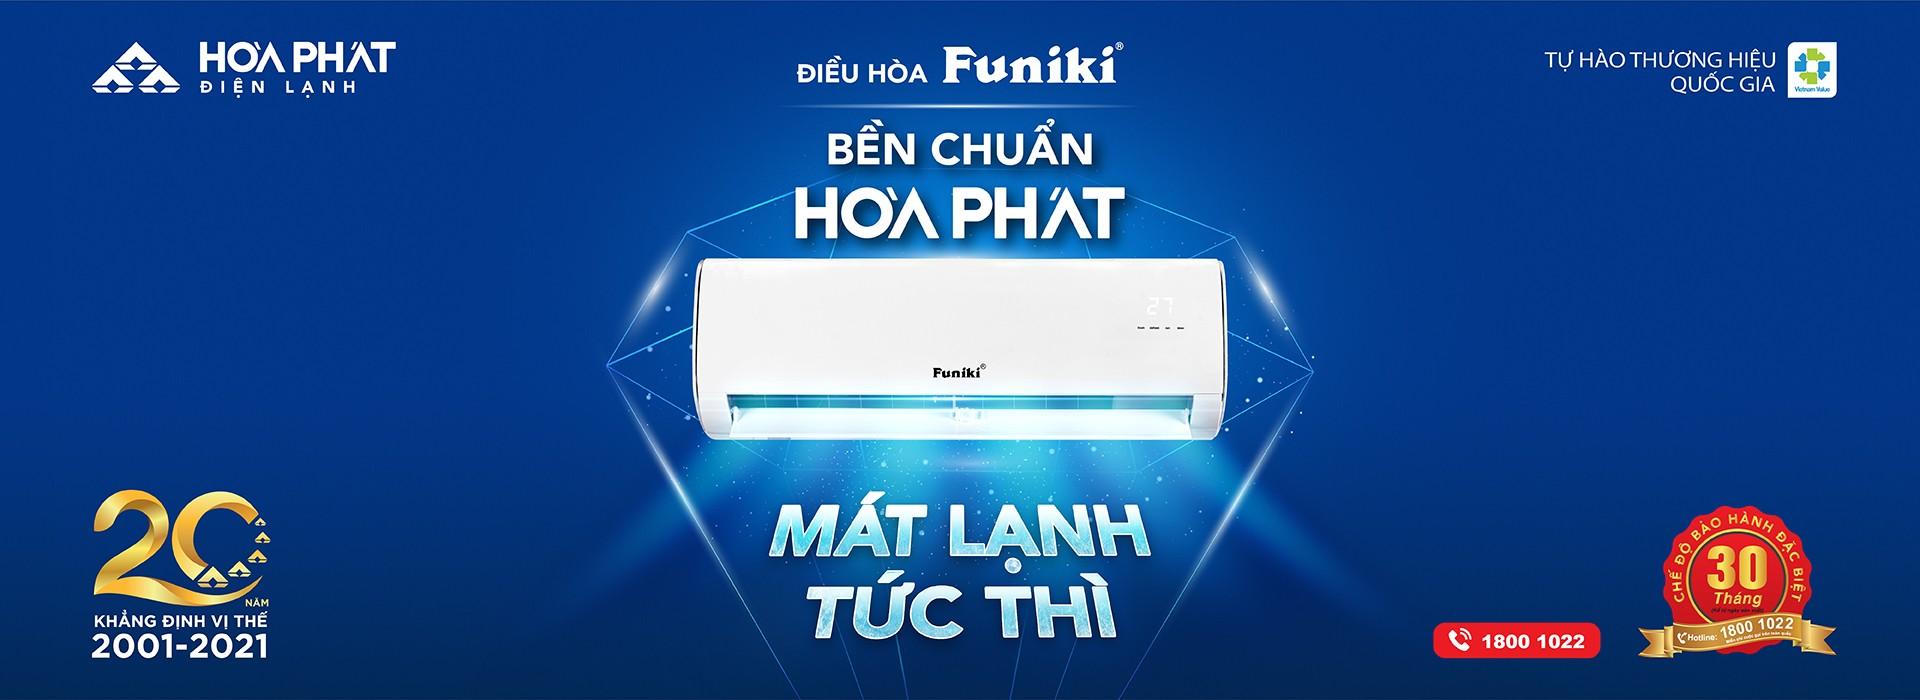 kv-aircond-funiki-20x10m-fa-ol-cs6-01-1